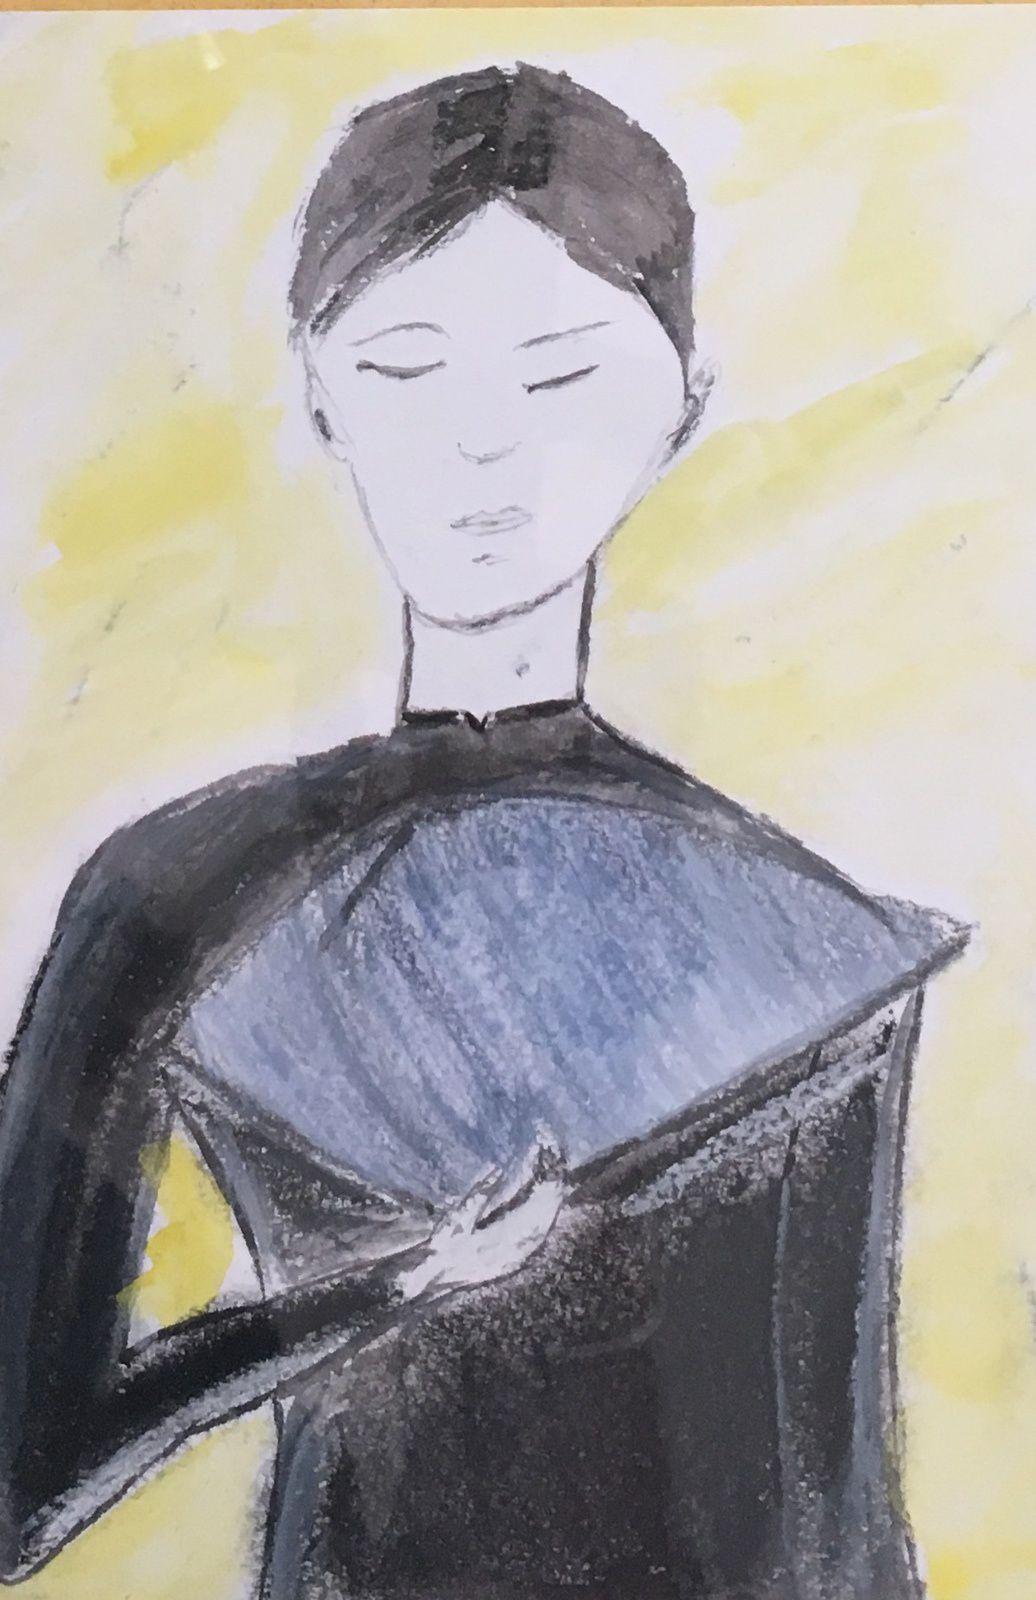 statut, de l'écriture, Fabienne Verdier, passagère, du silence, autobiographie, thème, occident, Asie